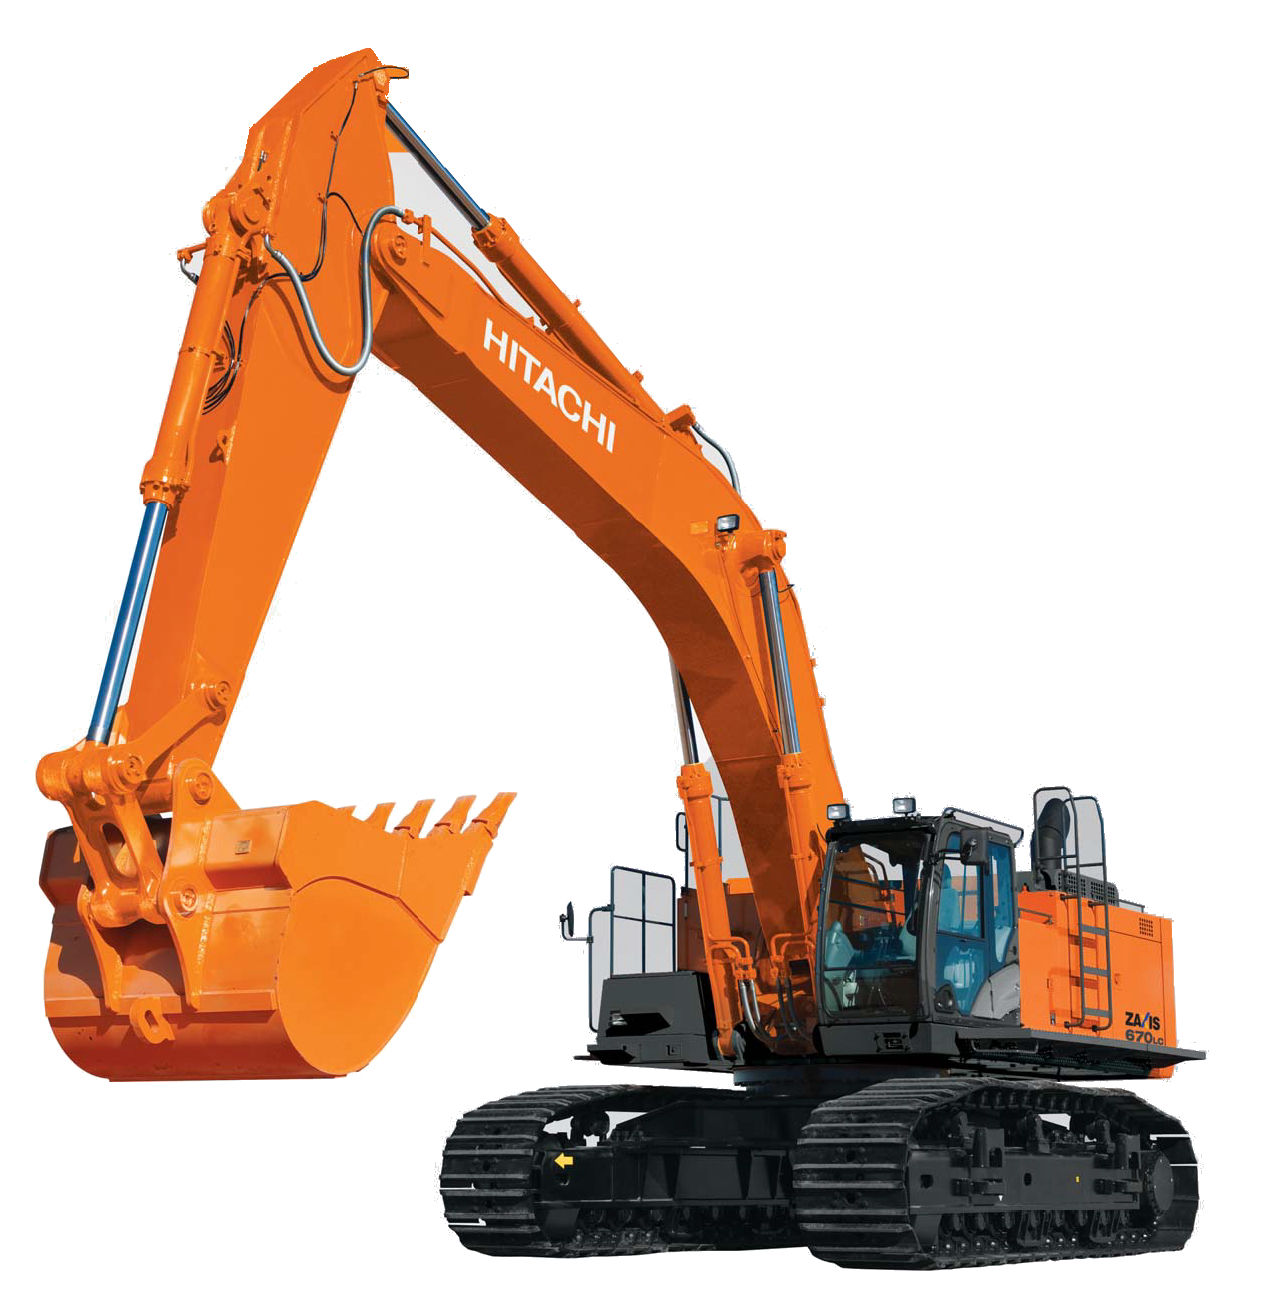 Excavator Wallpapers Vehicles HQ Excavator Pictures